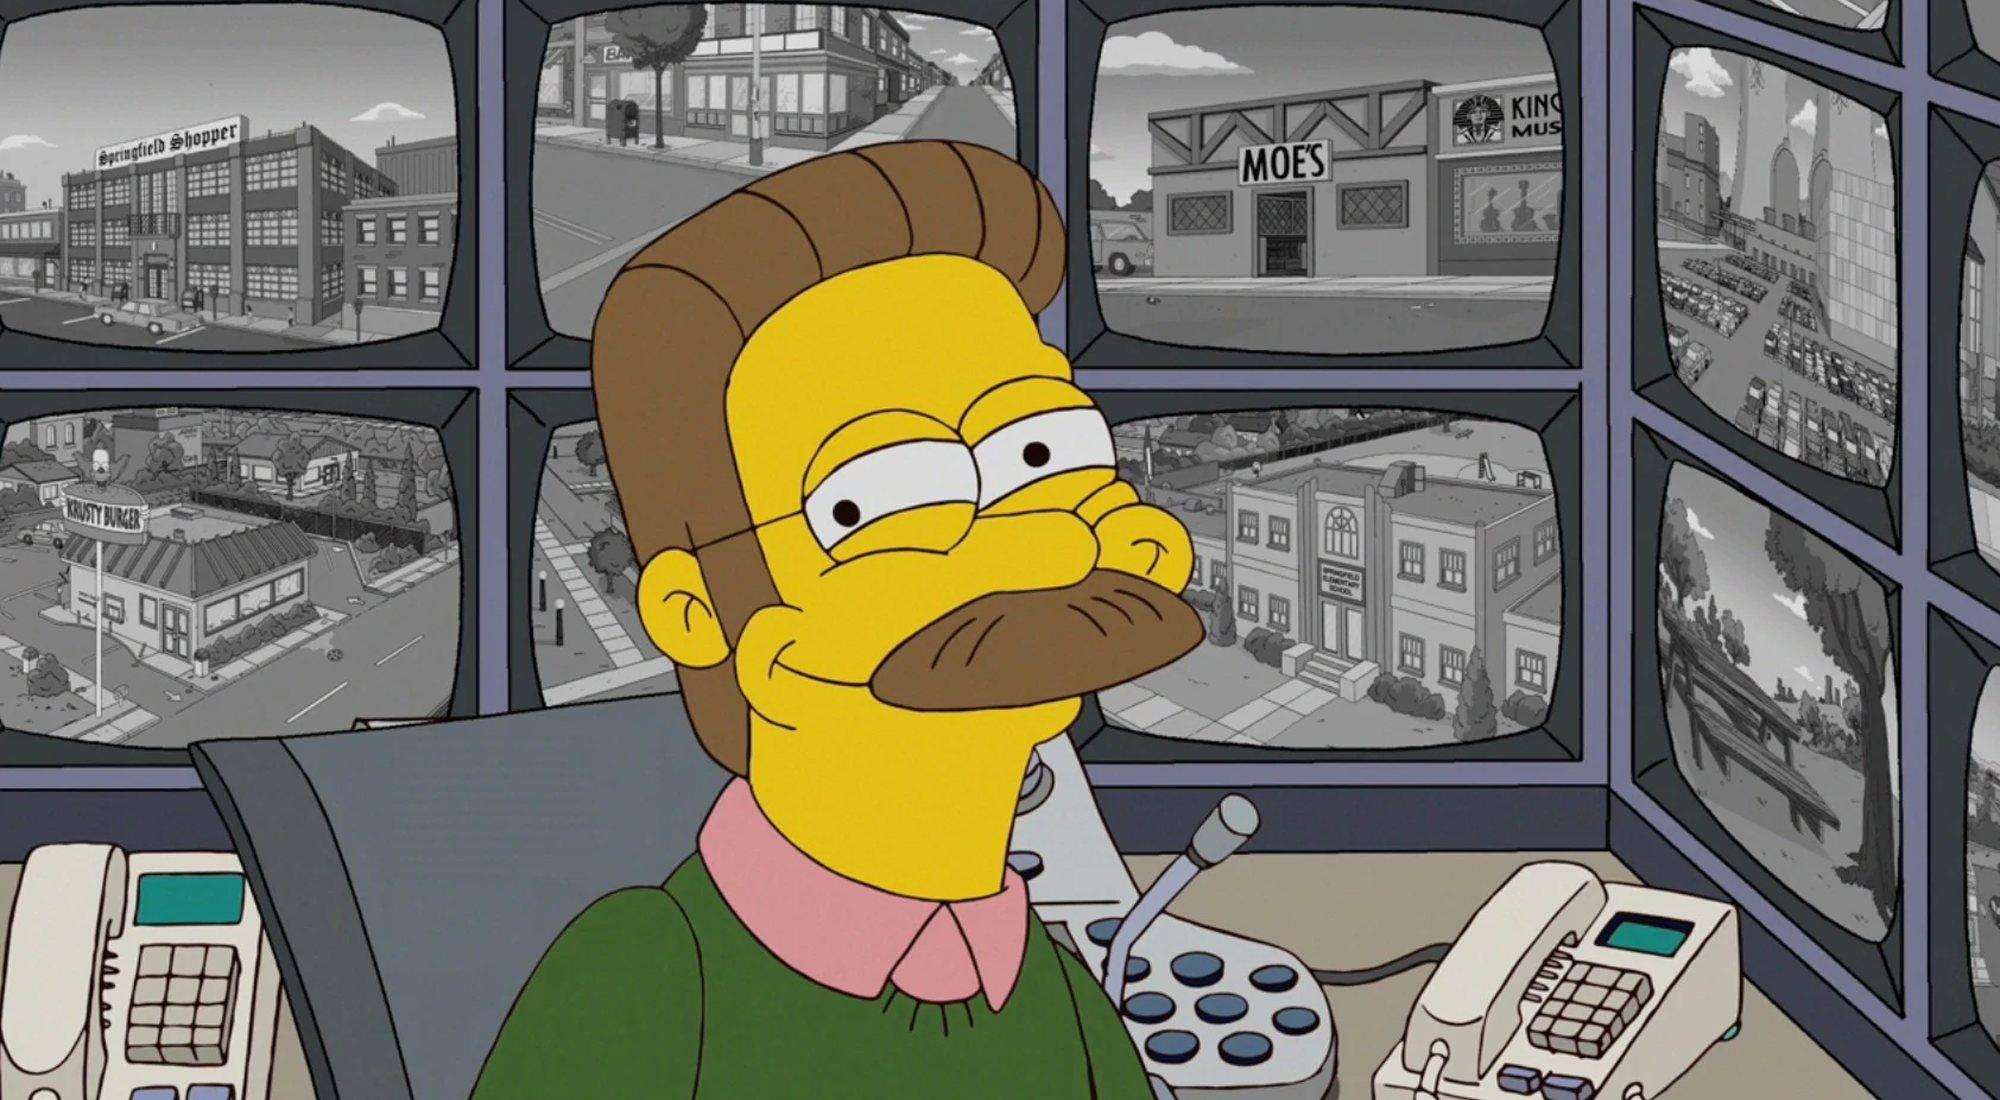 Flanders, heureux de garder un œil sur ses voisins dans `` Les Simpsons '' 21x20